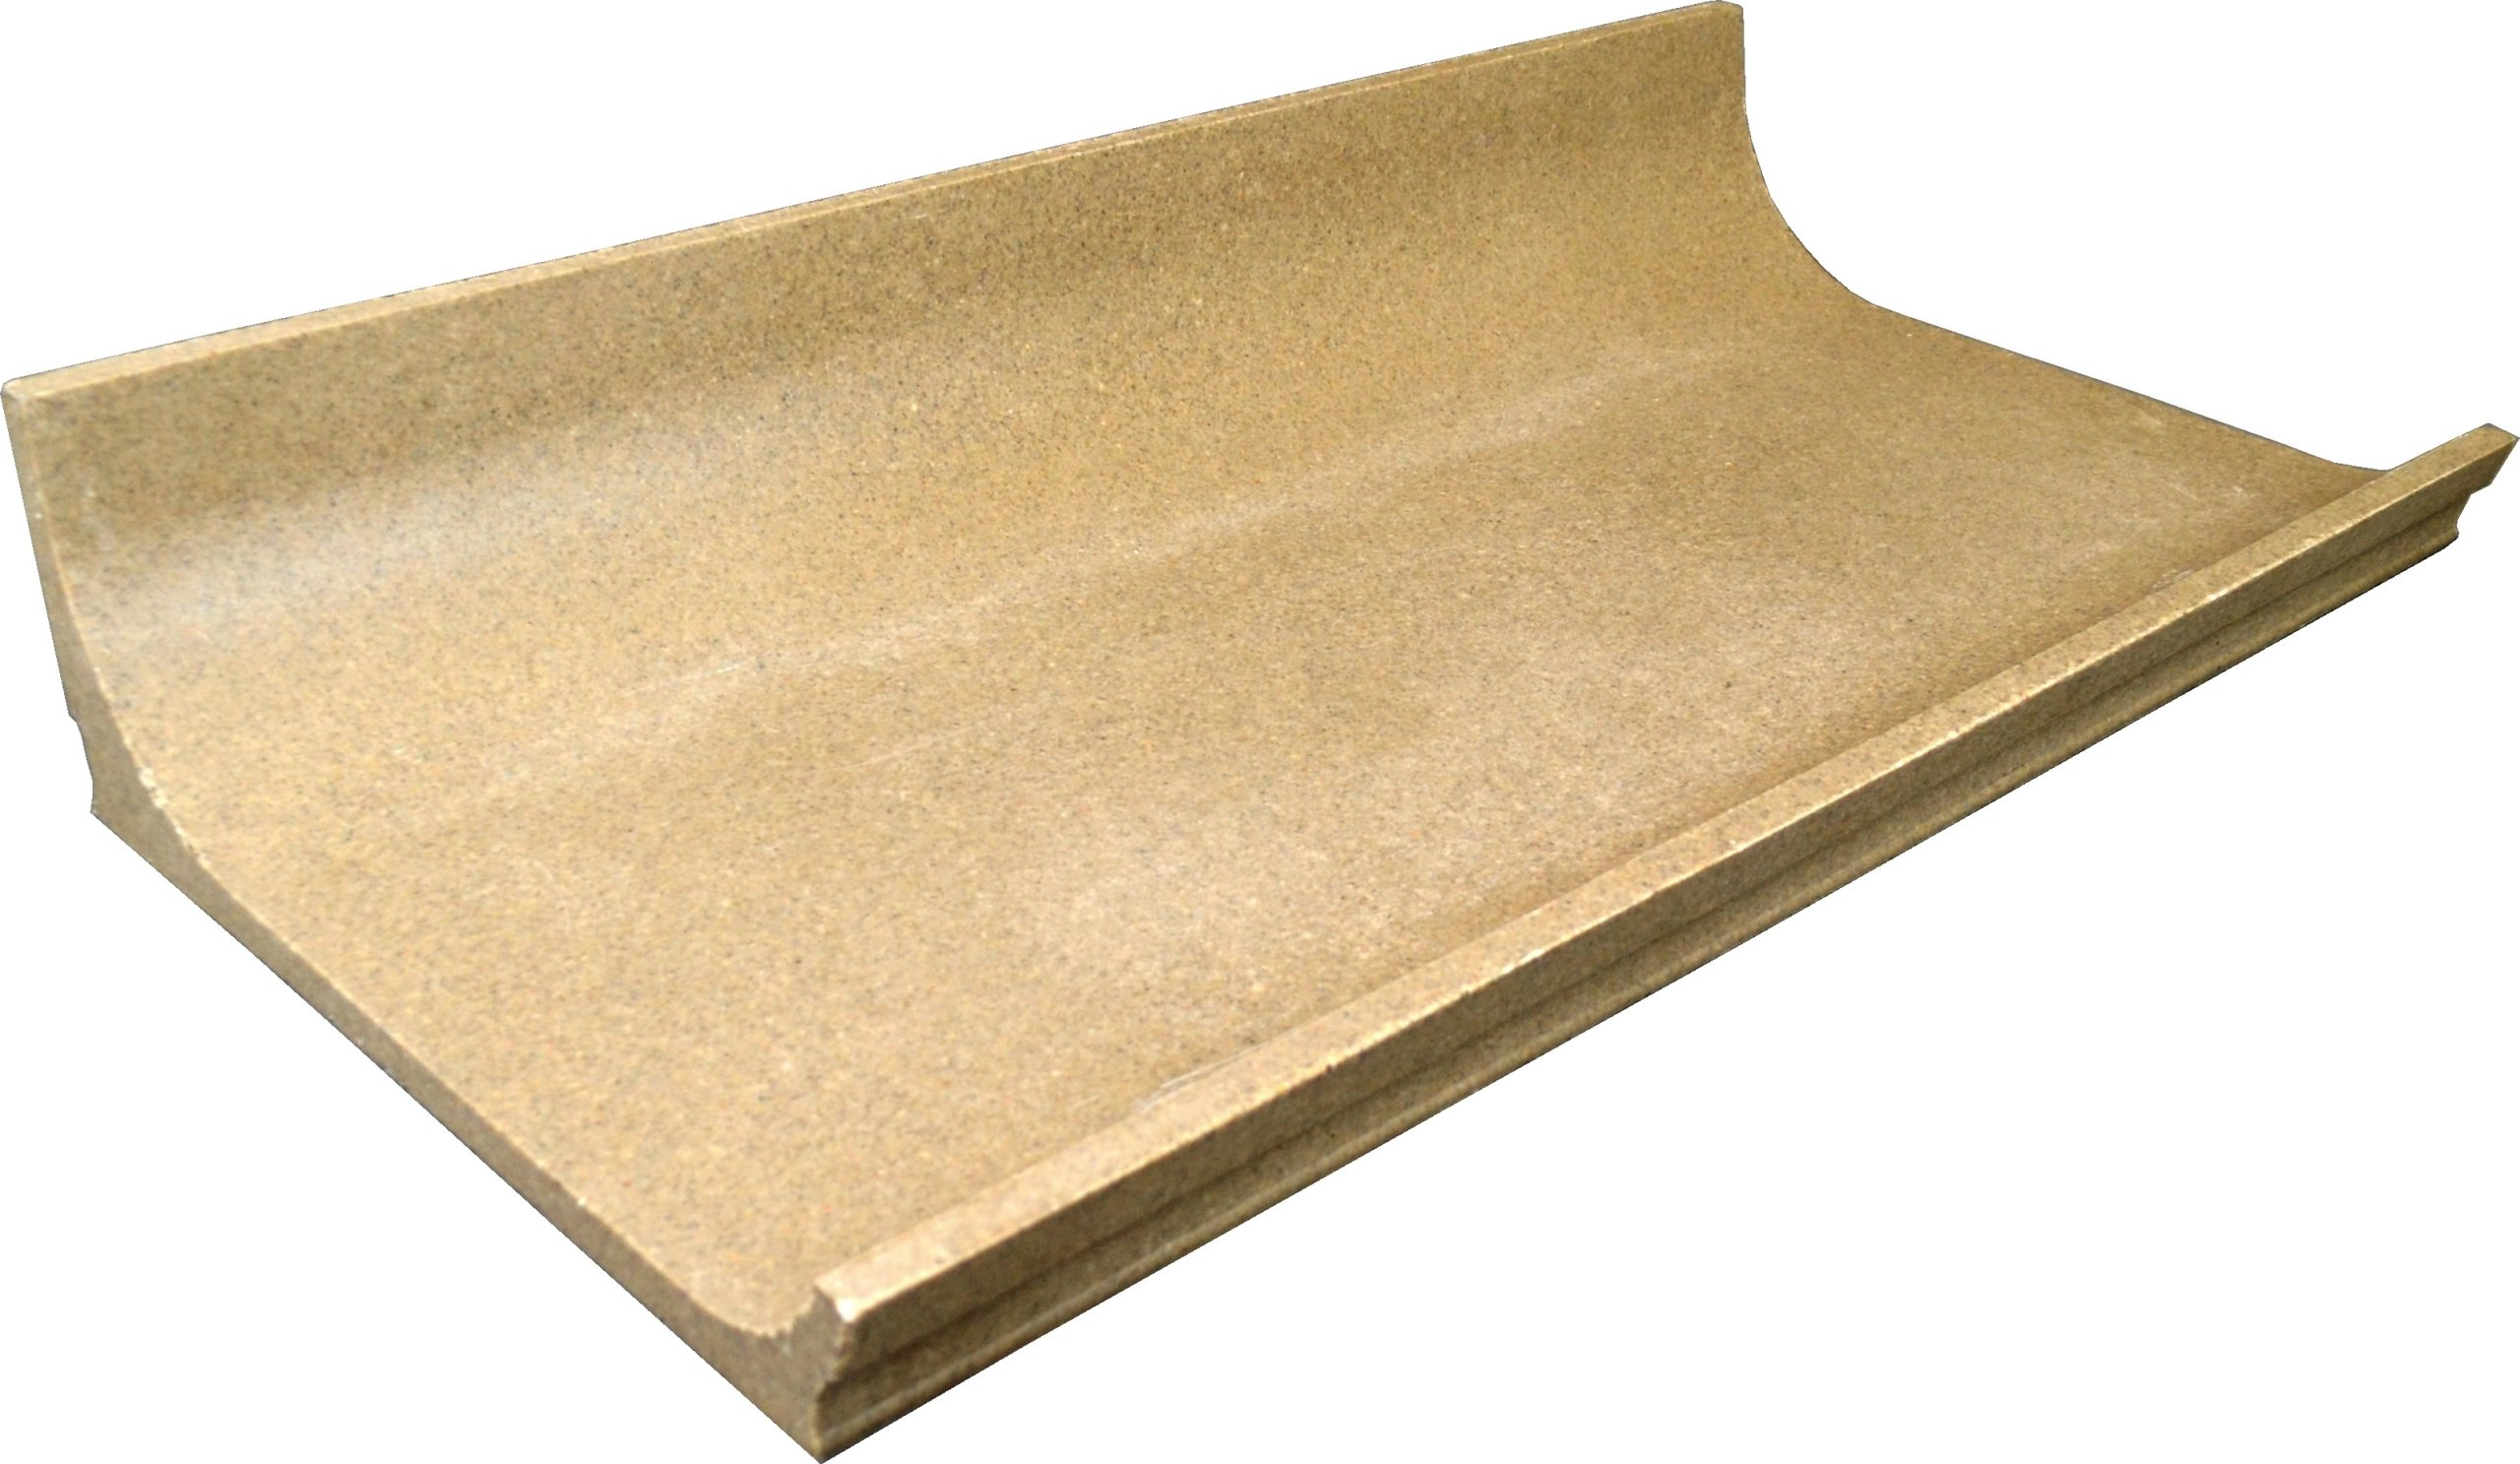 Priebežná tabuľka. Polymerové betónové jadrá. KSB 47